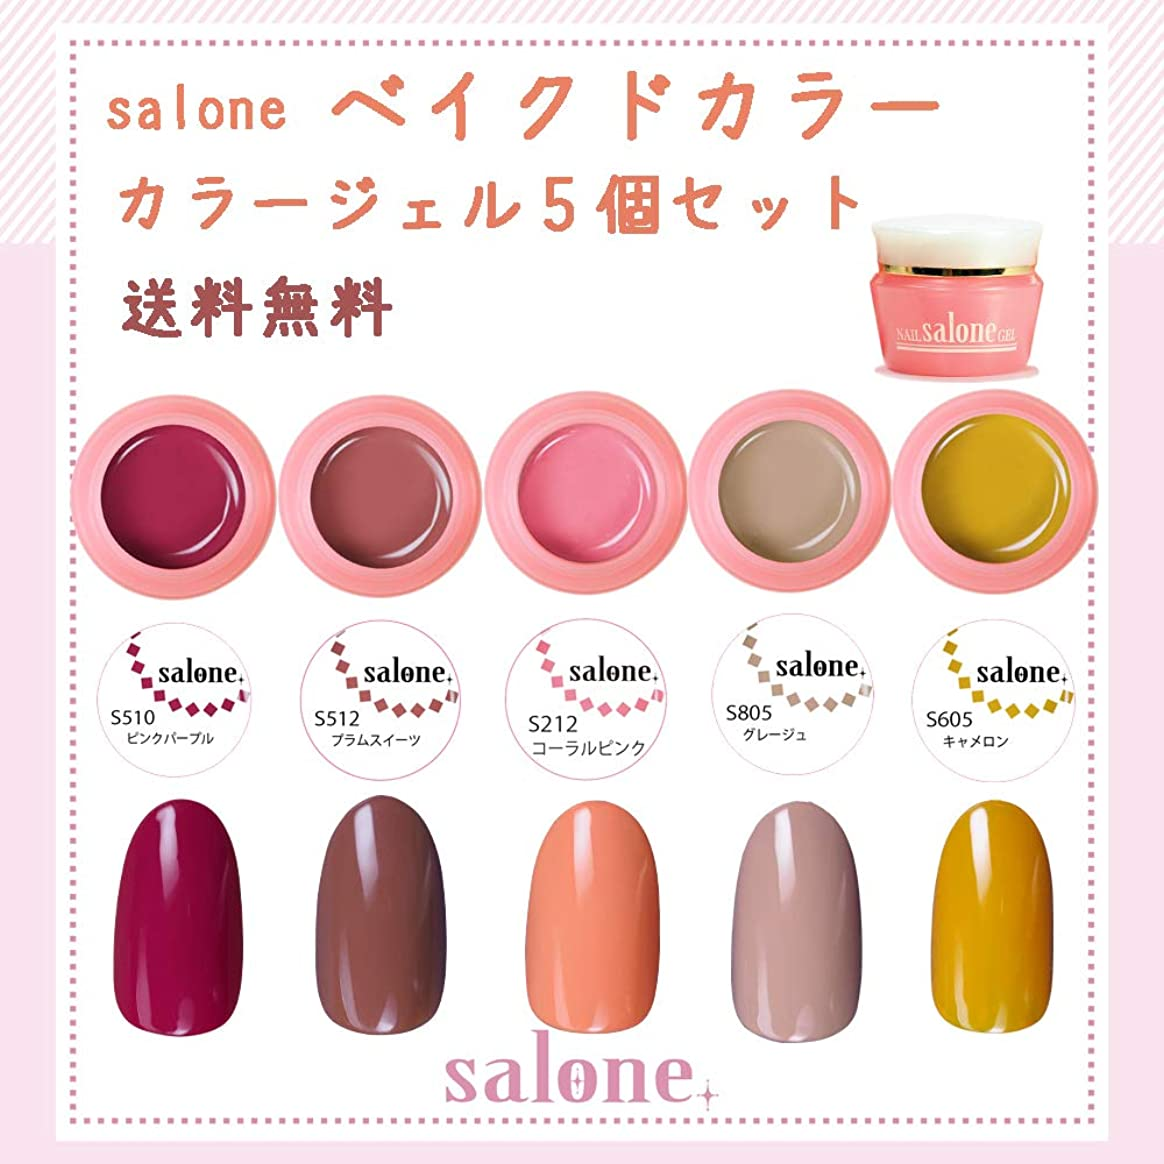 大事にする対話空白【送料無料 日本製】Salone ベイクドカラージェル5個セット 大人っぽく暖かく大人可愛いトレンドカラー